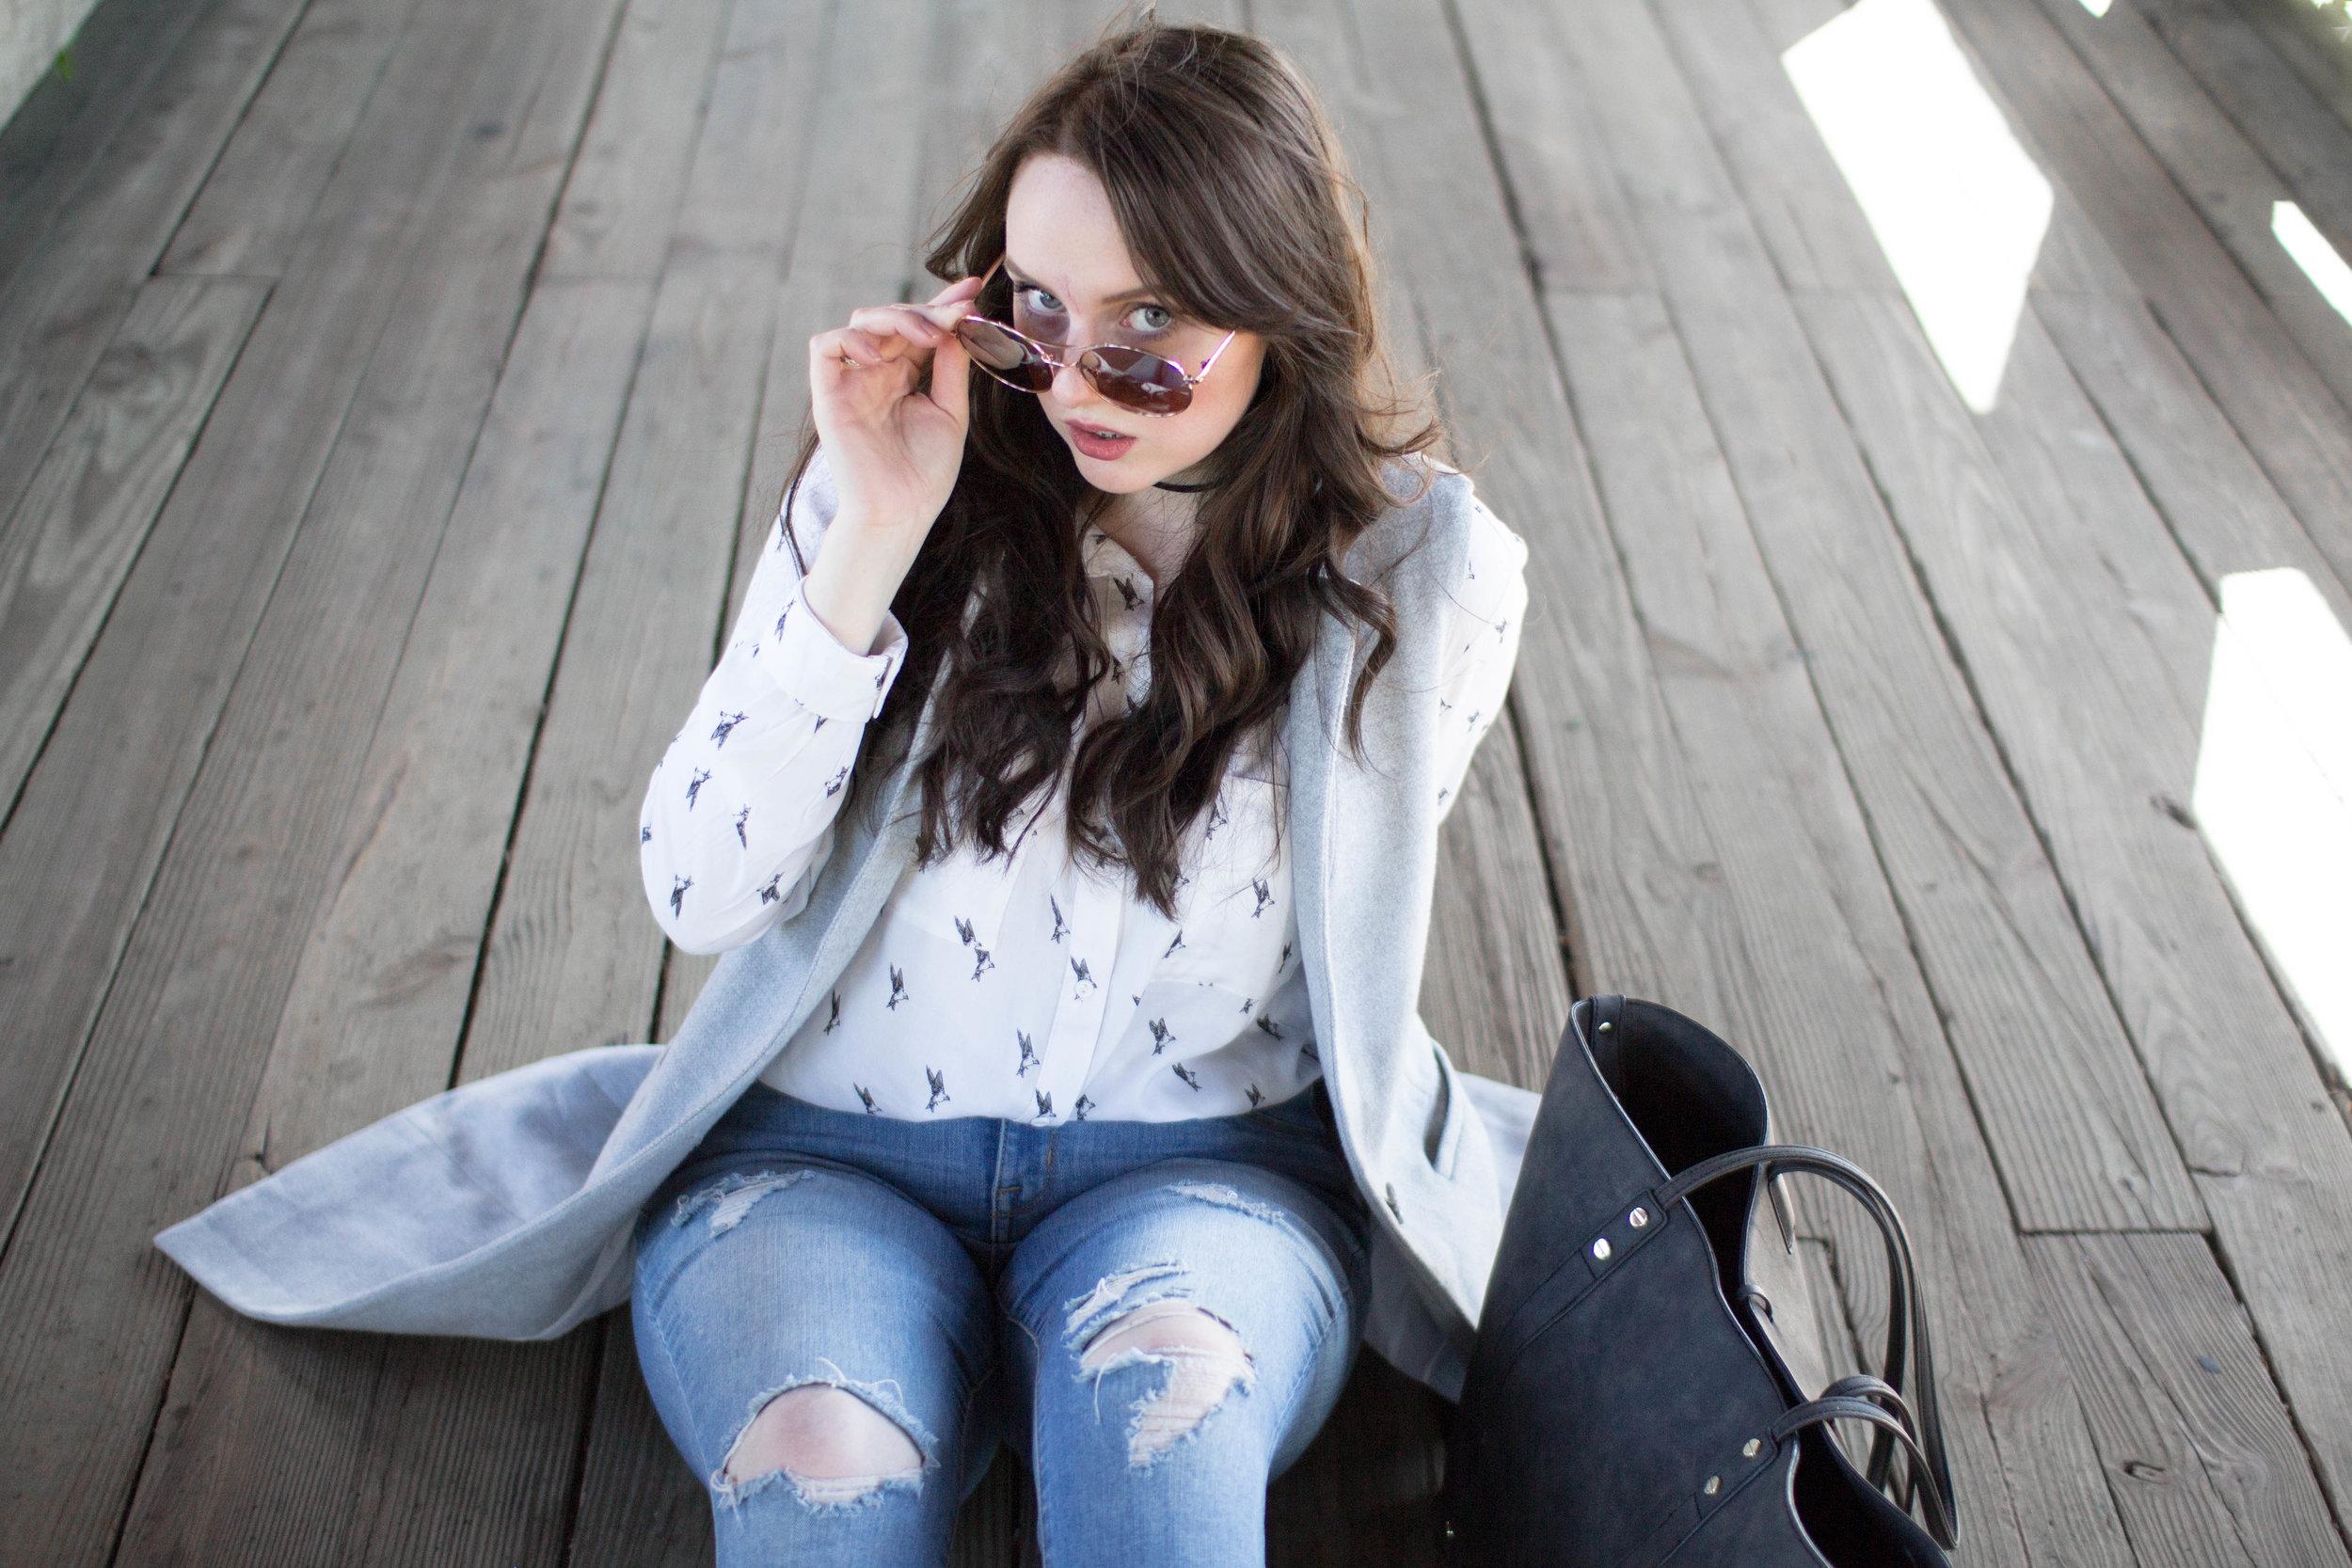 Macaila-Britton-Fashion-Blog